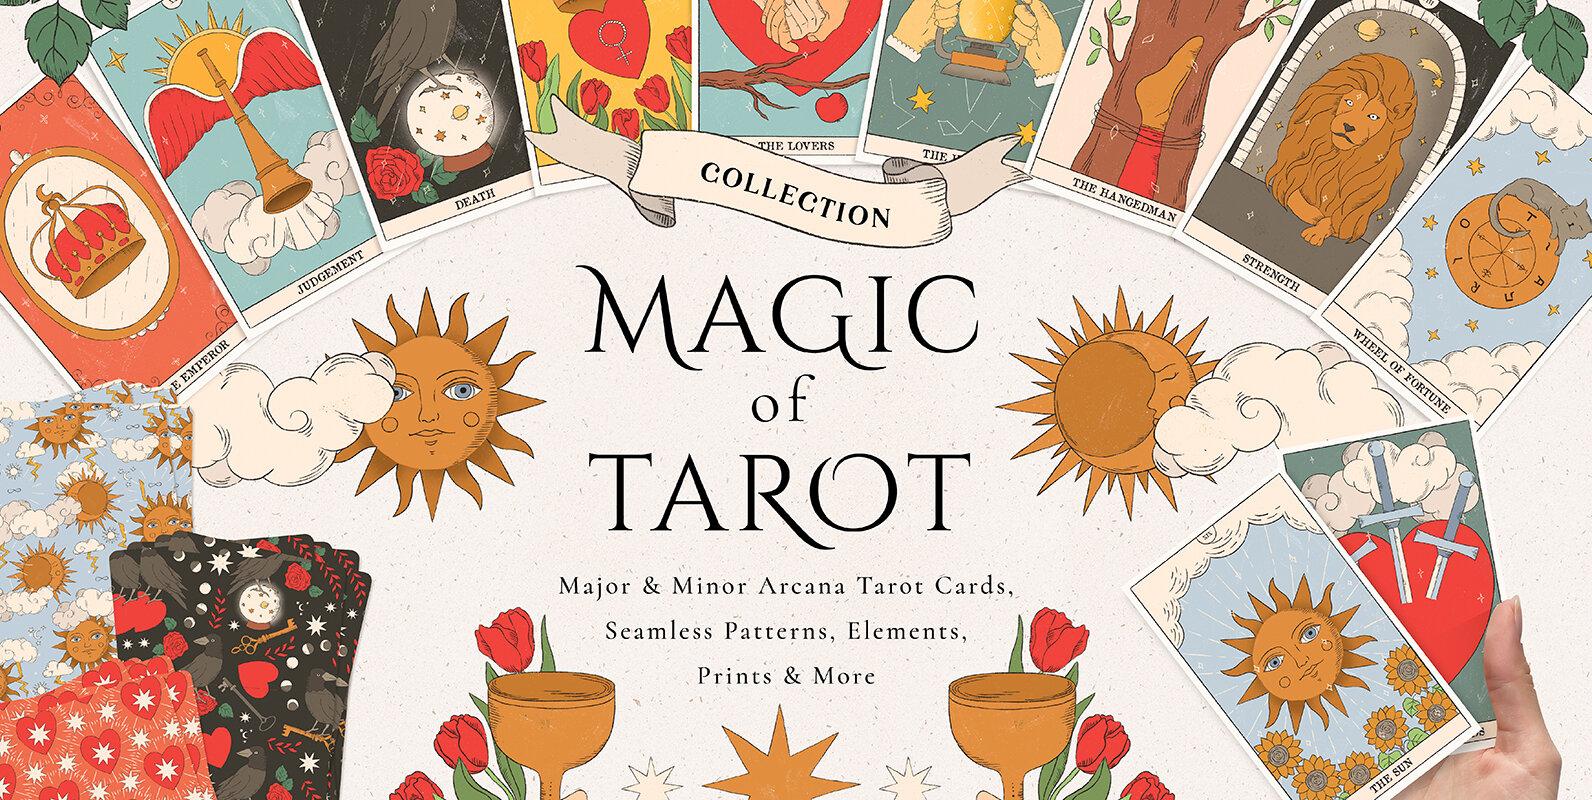 Magic of Tarot Collection